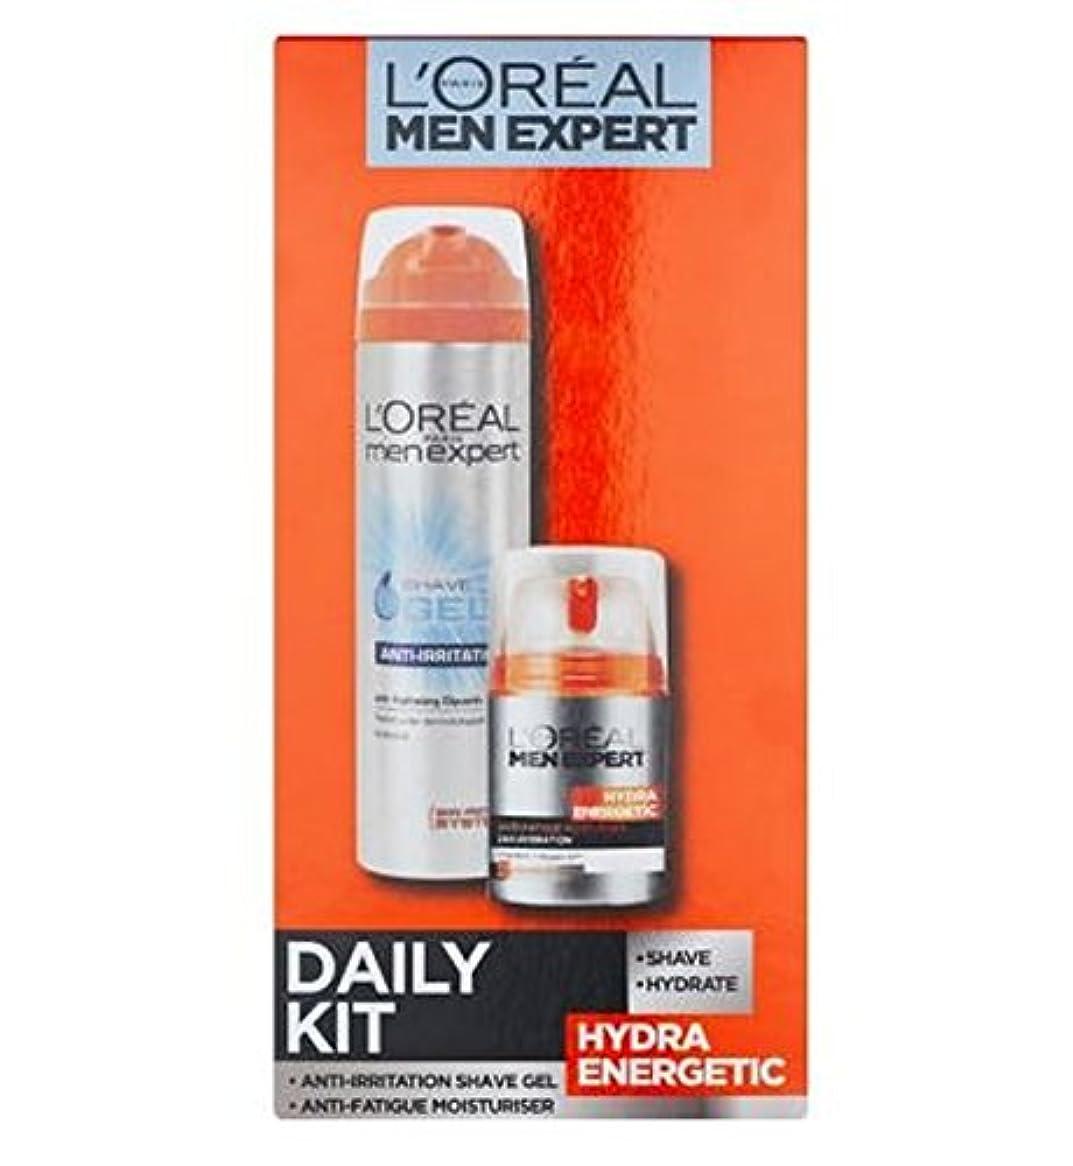 交換高い厄介なL'Oreal Men Expert Hydra Energetic Daily Skincare Kit - ロレアルの男性の専門家ヒドラエネルギッシュな毎日のスキンケアキット (L'Oreal) [並行輸入品]